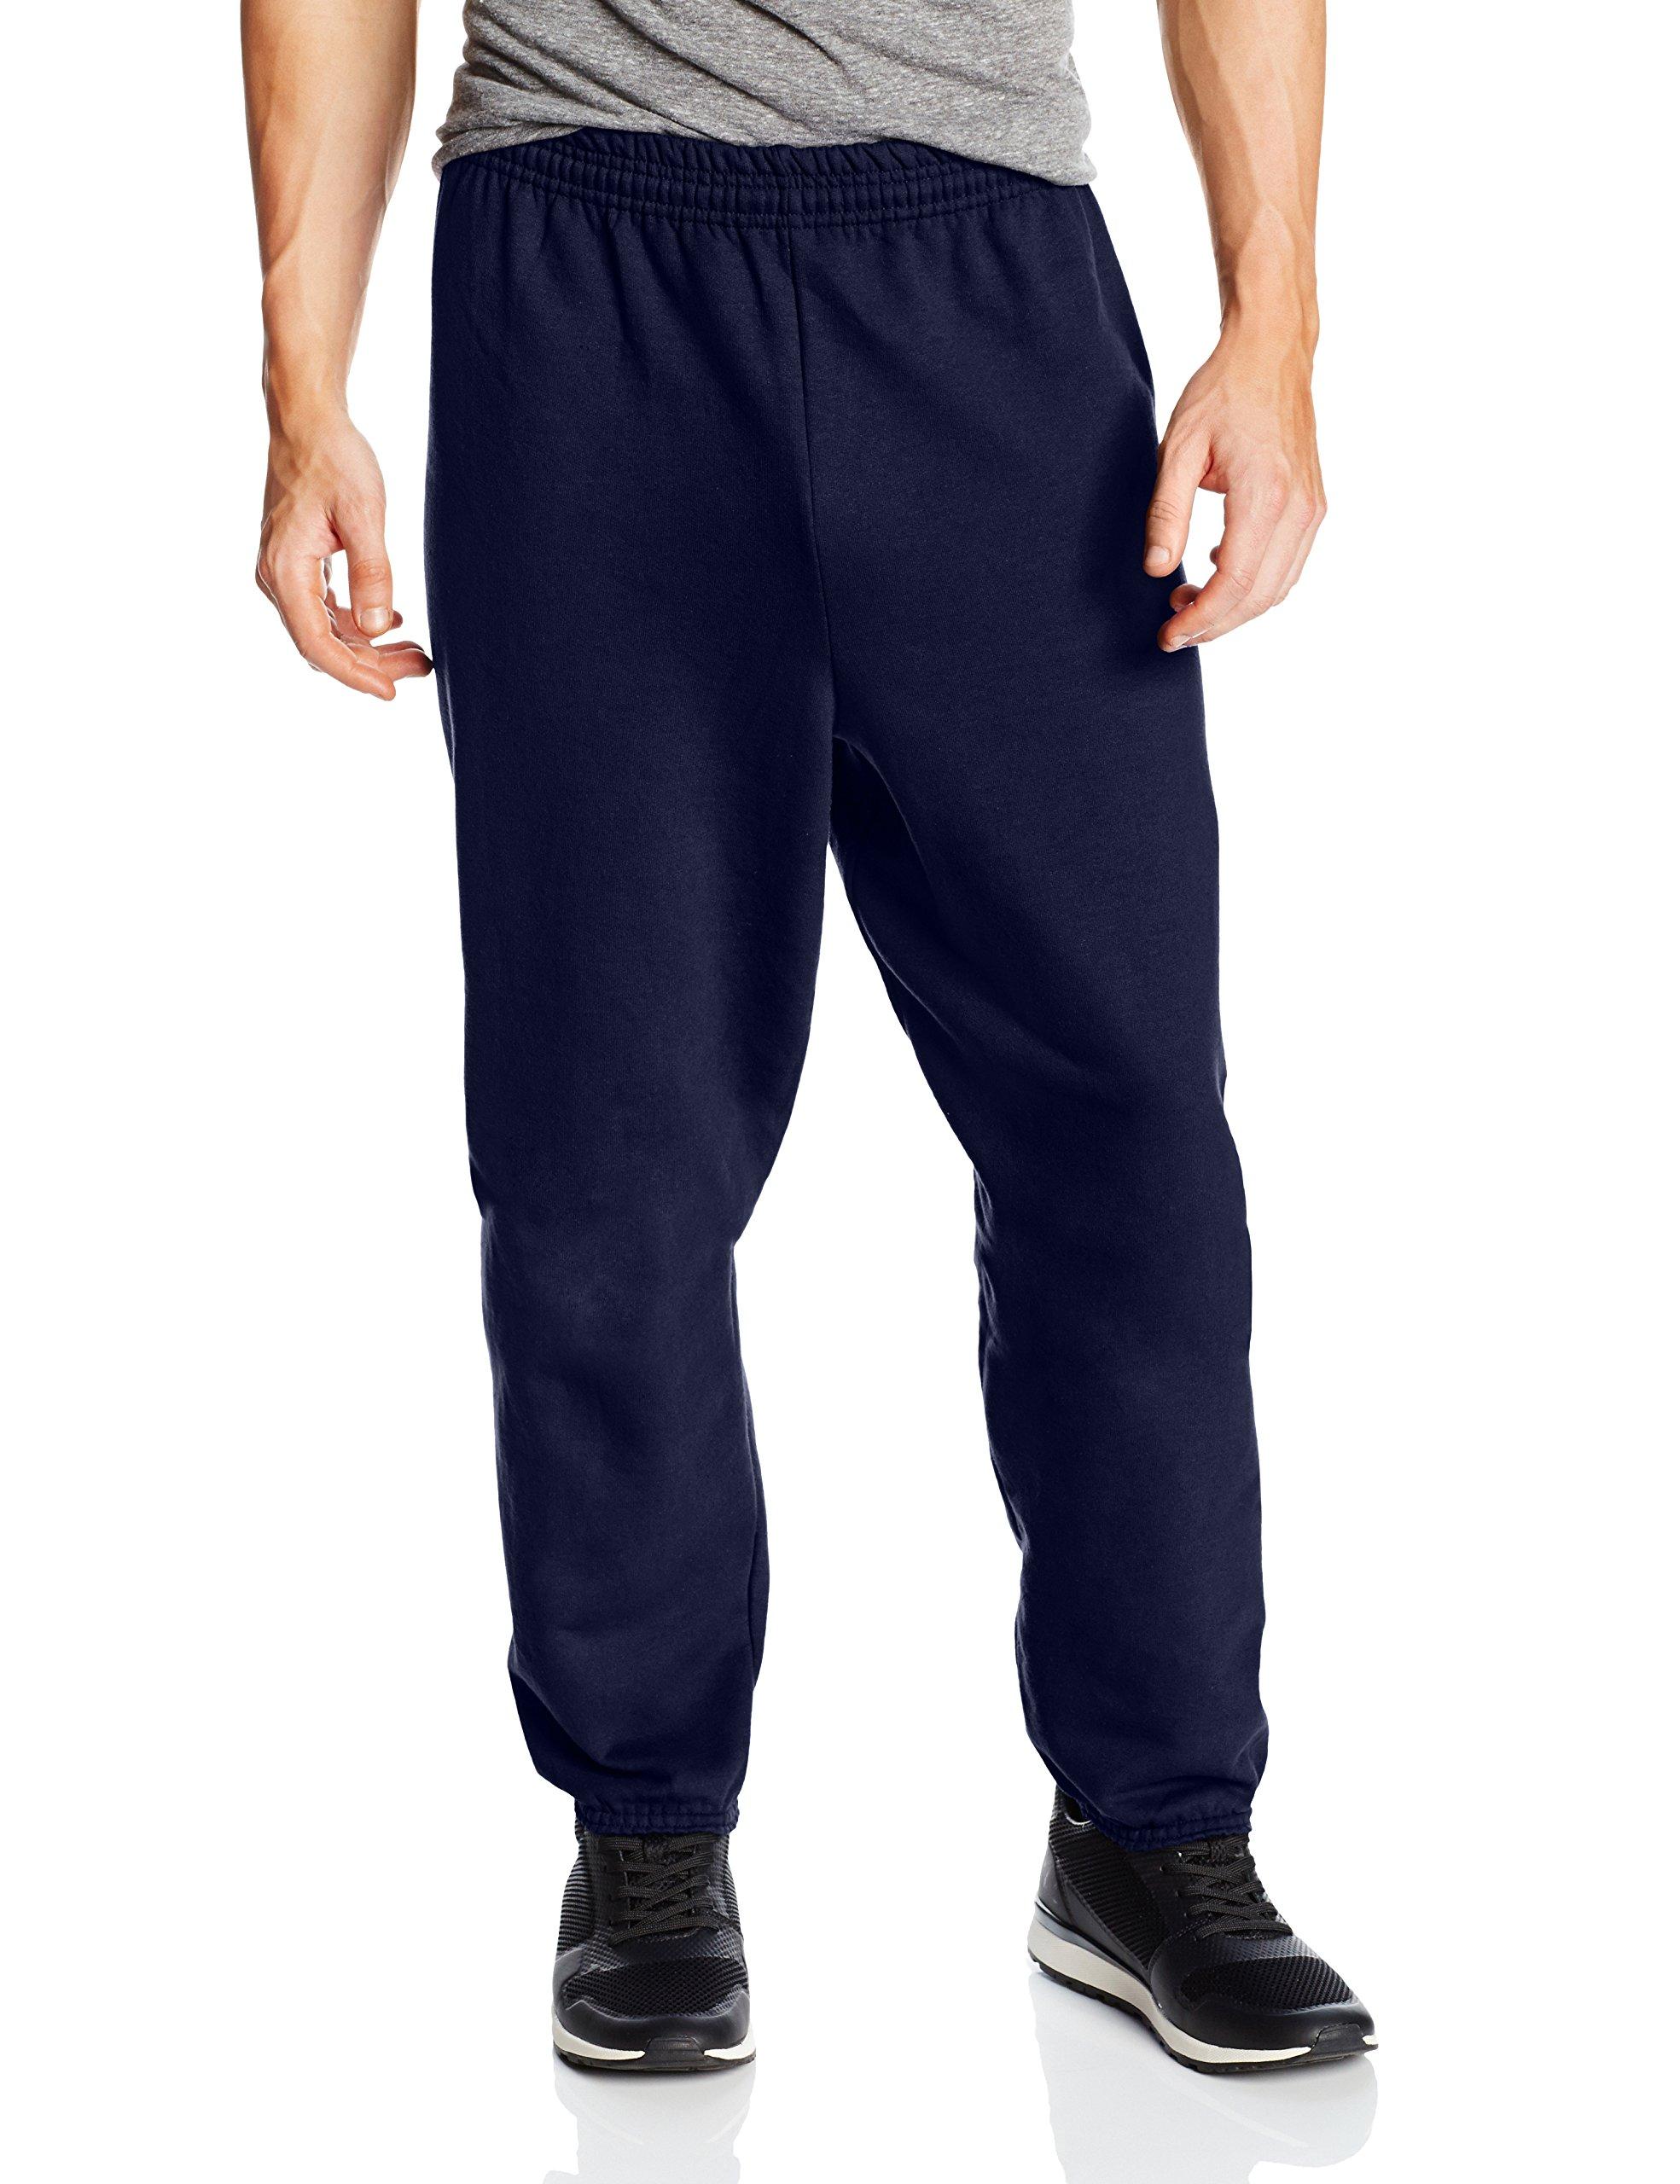 Hanes EcoSmart Fleece Sweatpant X Large